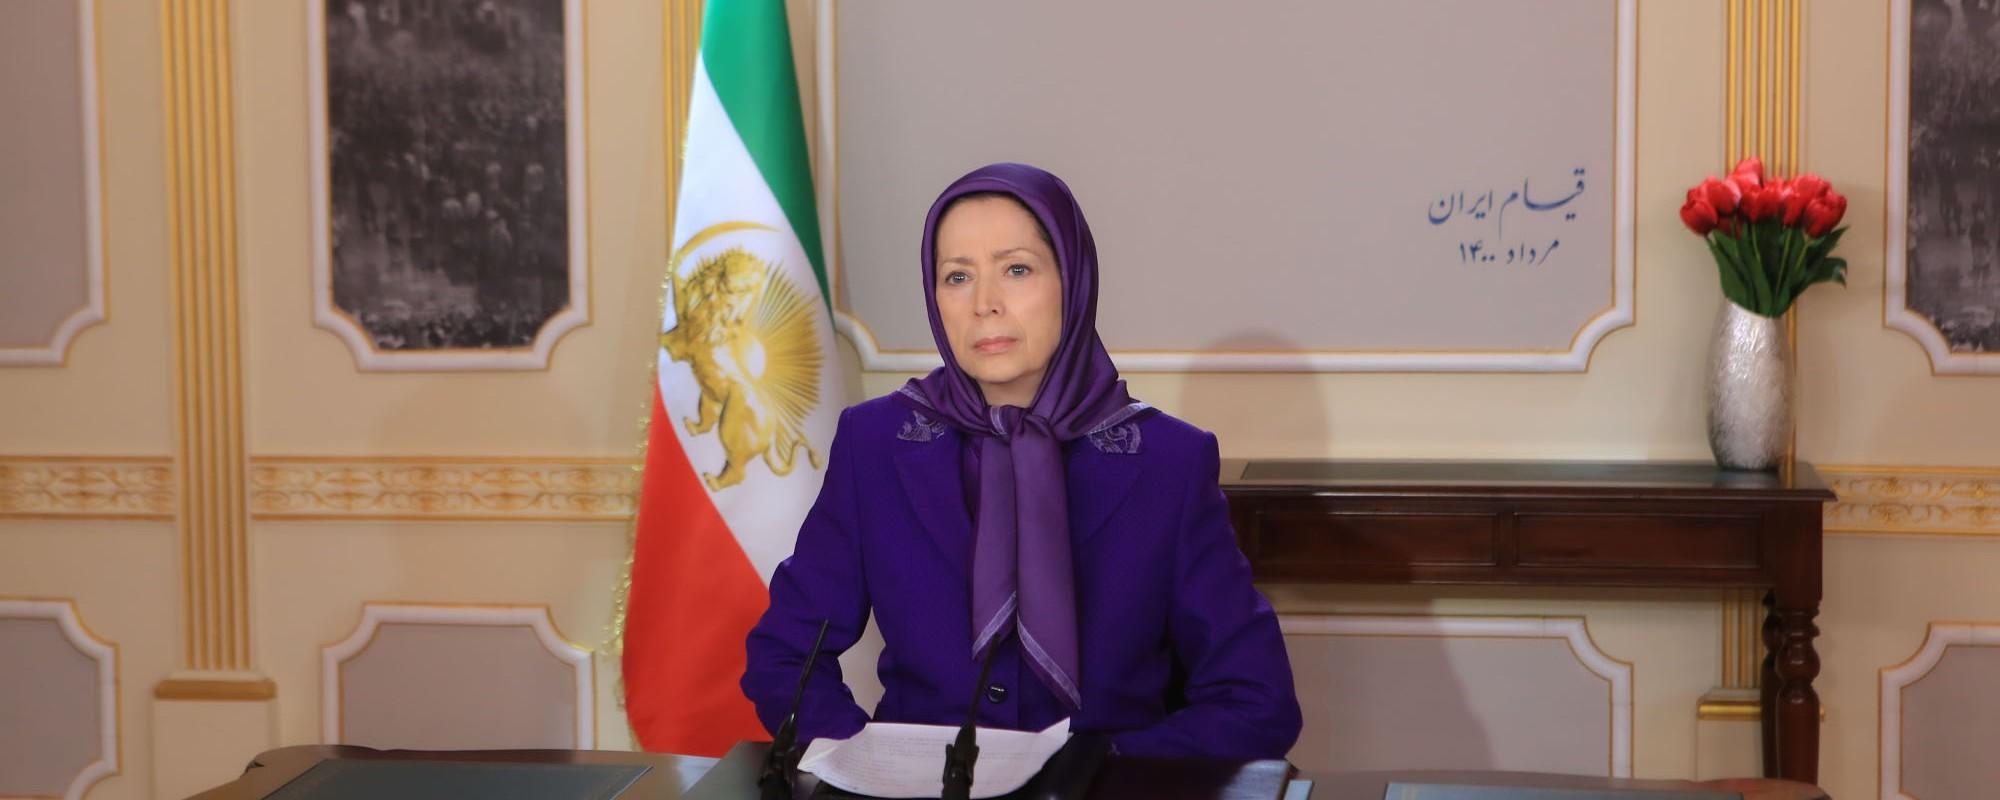 Le soulèvement en Iran s'enflamme du Khouzistan qui souffre de la soif